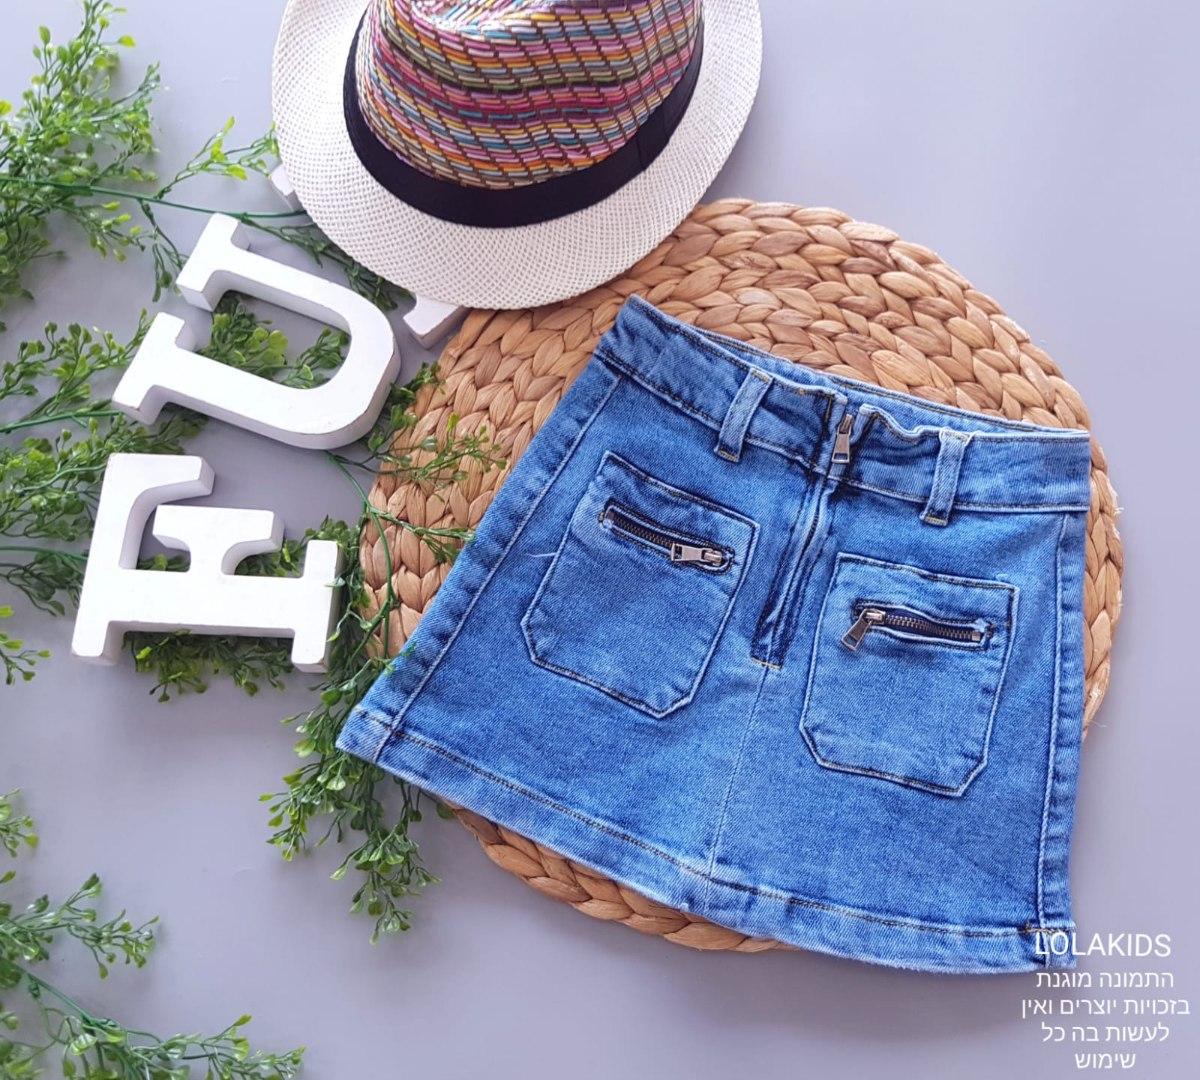 חצאית גינס דגם 9456